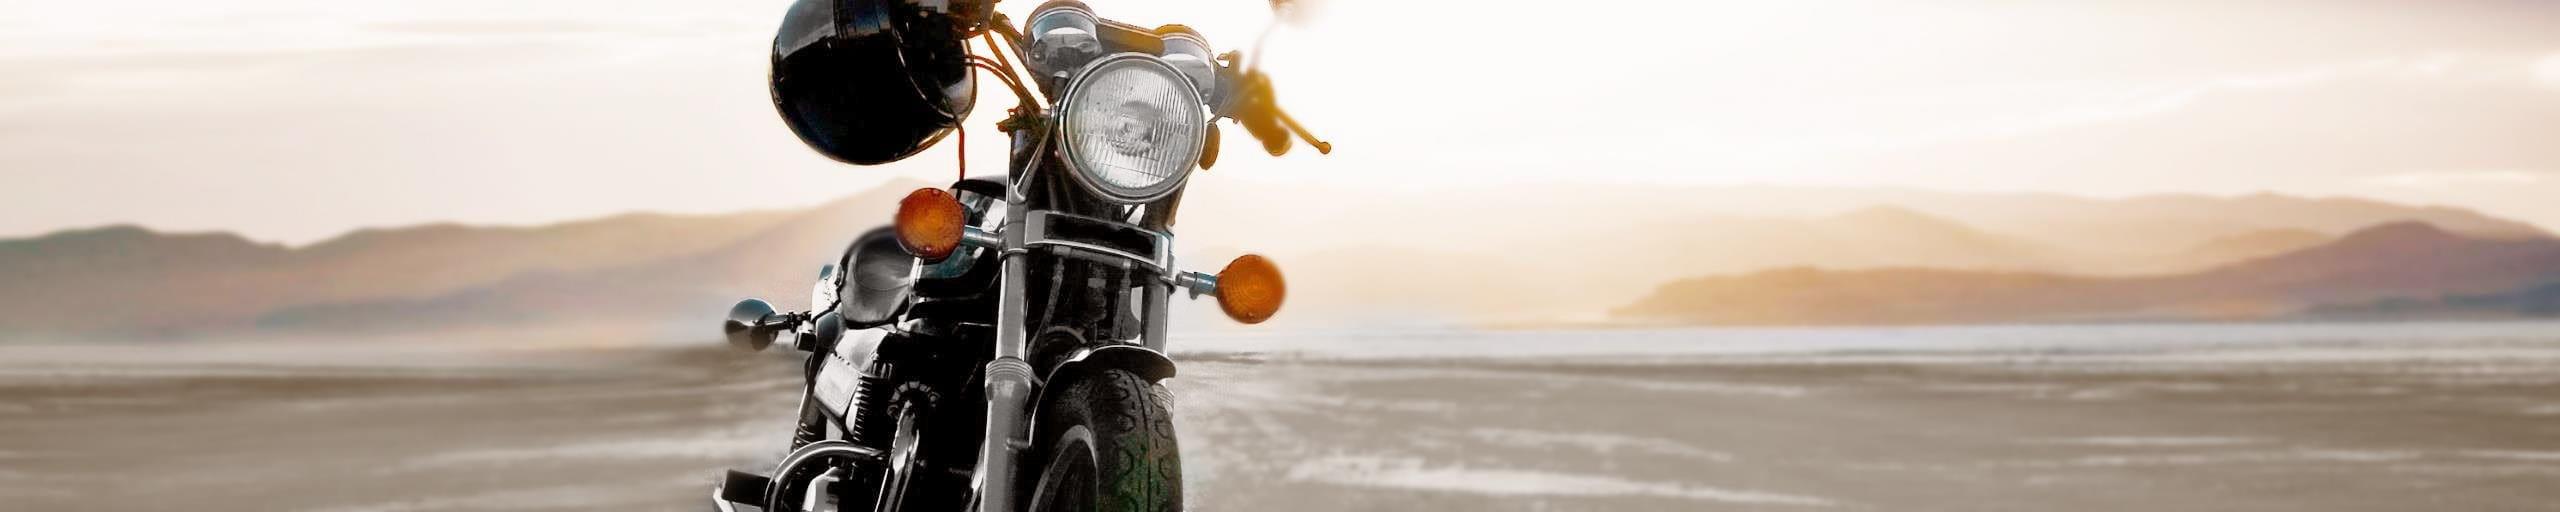 Una moto nel paesaggio.